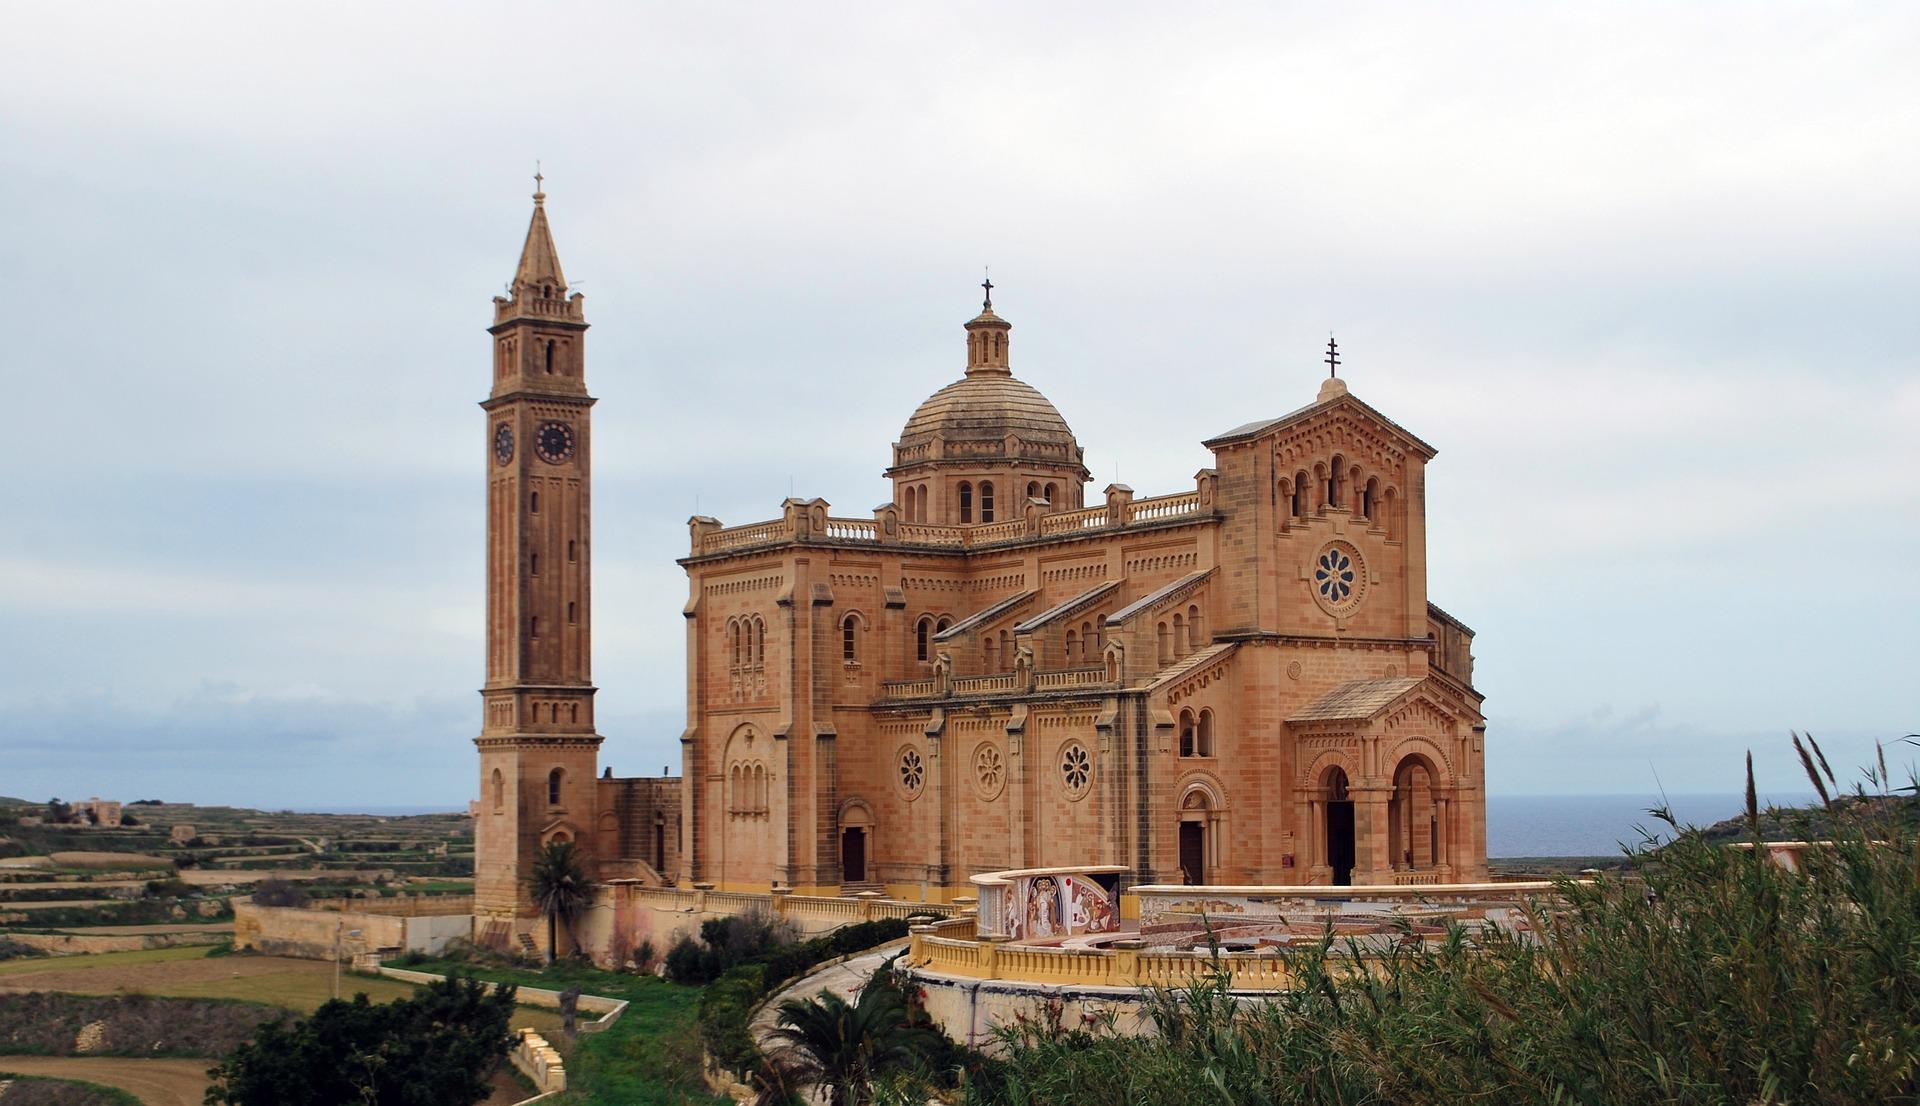 Urlaub auf Malta günstig buchen ab 111,00€ - chill in St. Paul's